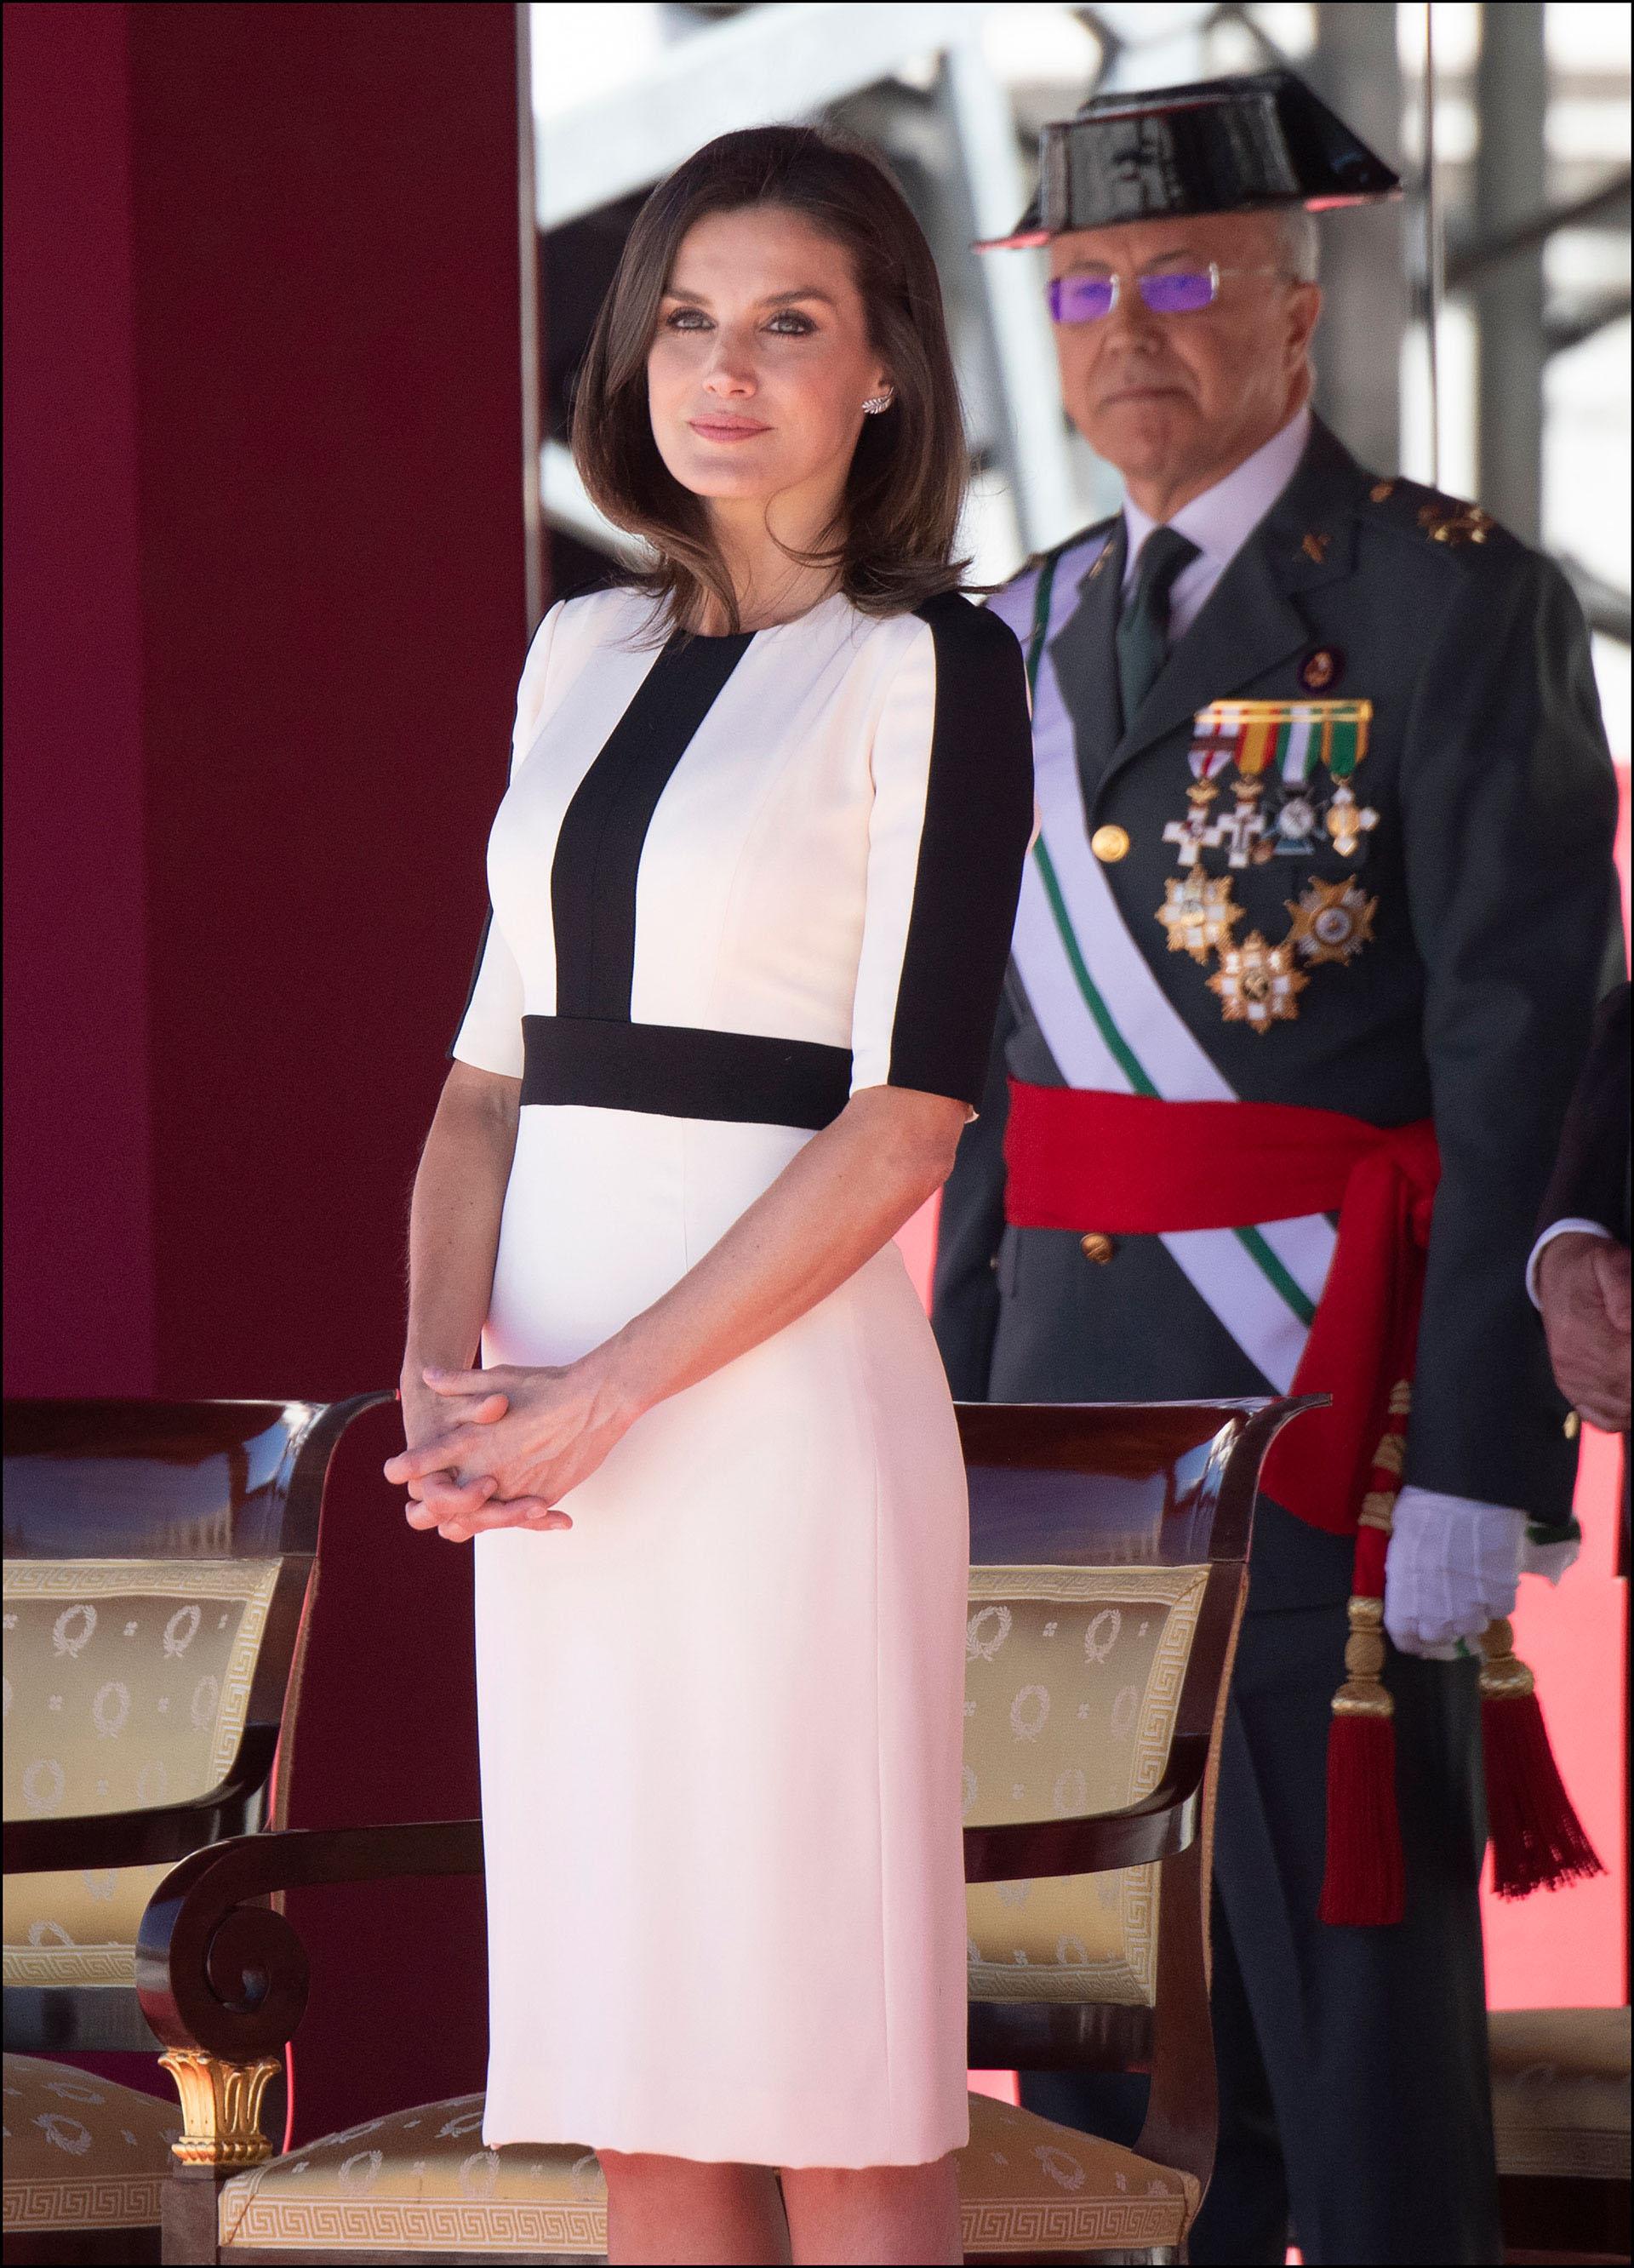 La Reina Letizia en el Palacio Real de Madrid.